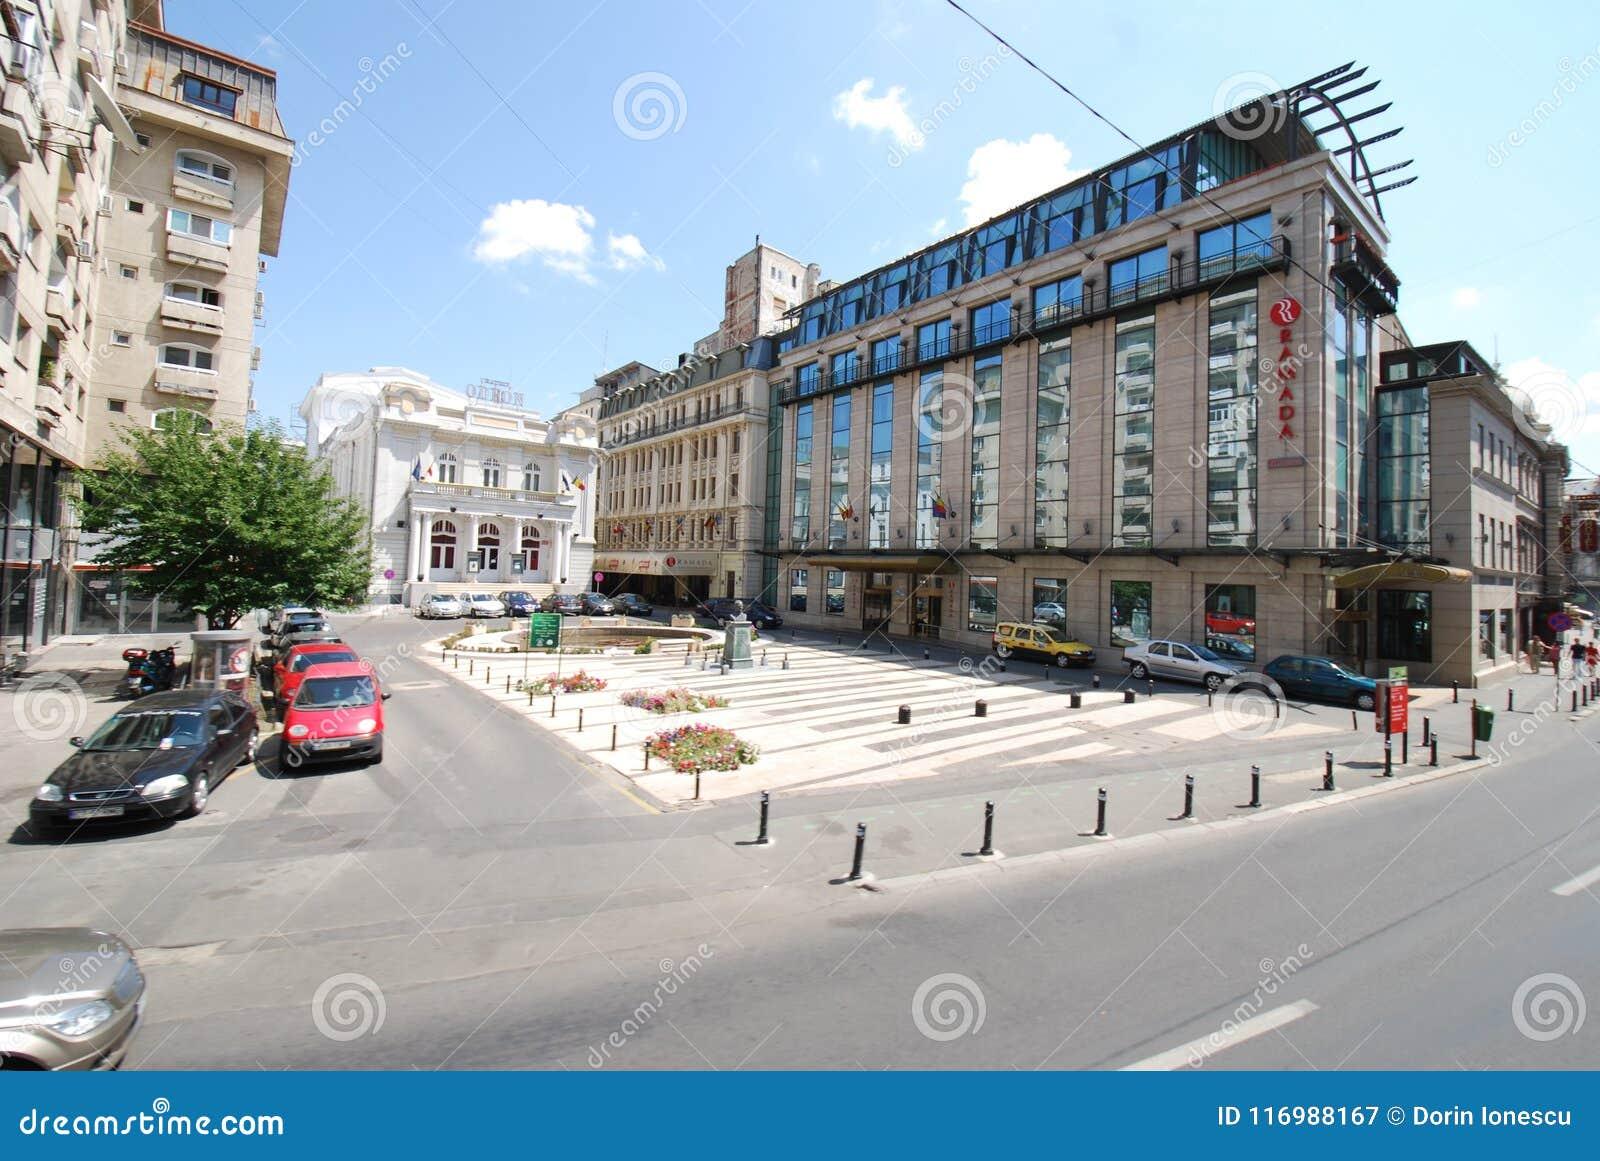 Odeon-Theater, Ballungsraum, Nachbarschaft, Piazza, mischte Gebrauch